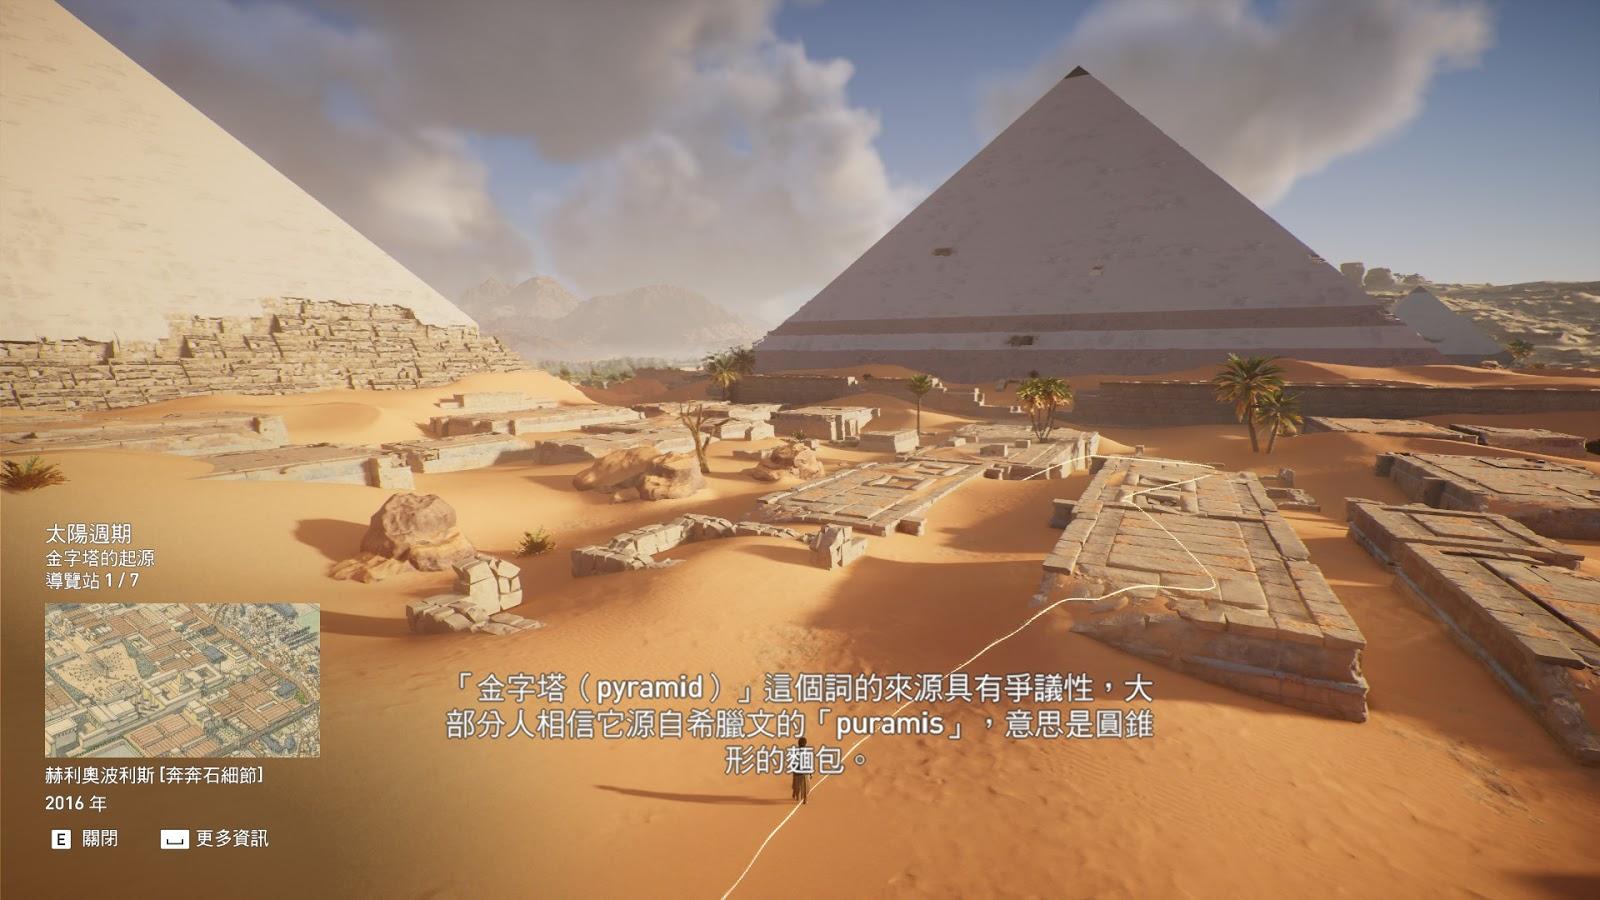 最華麗的古埃及歷史教學:刺客教條的中文教育版「發現之旅」